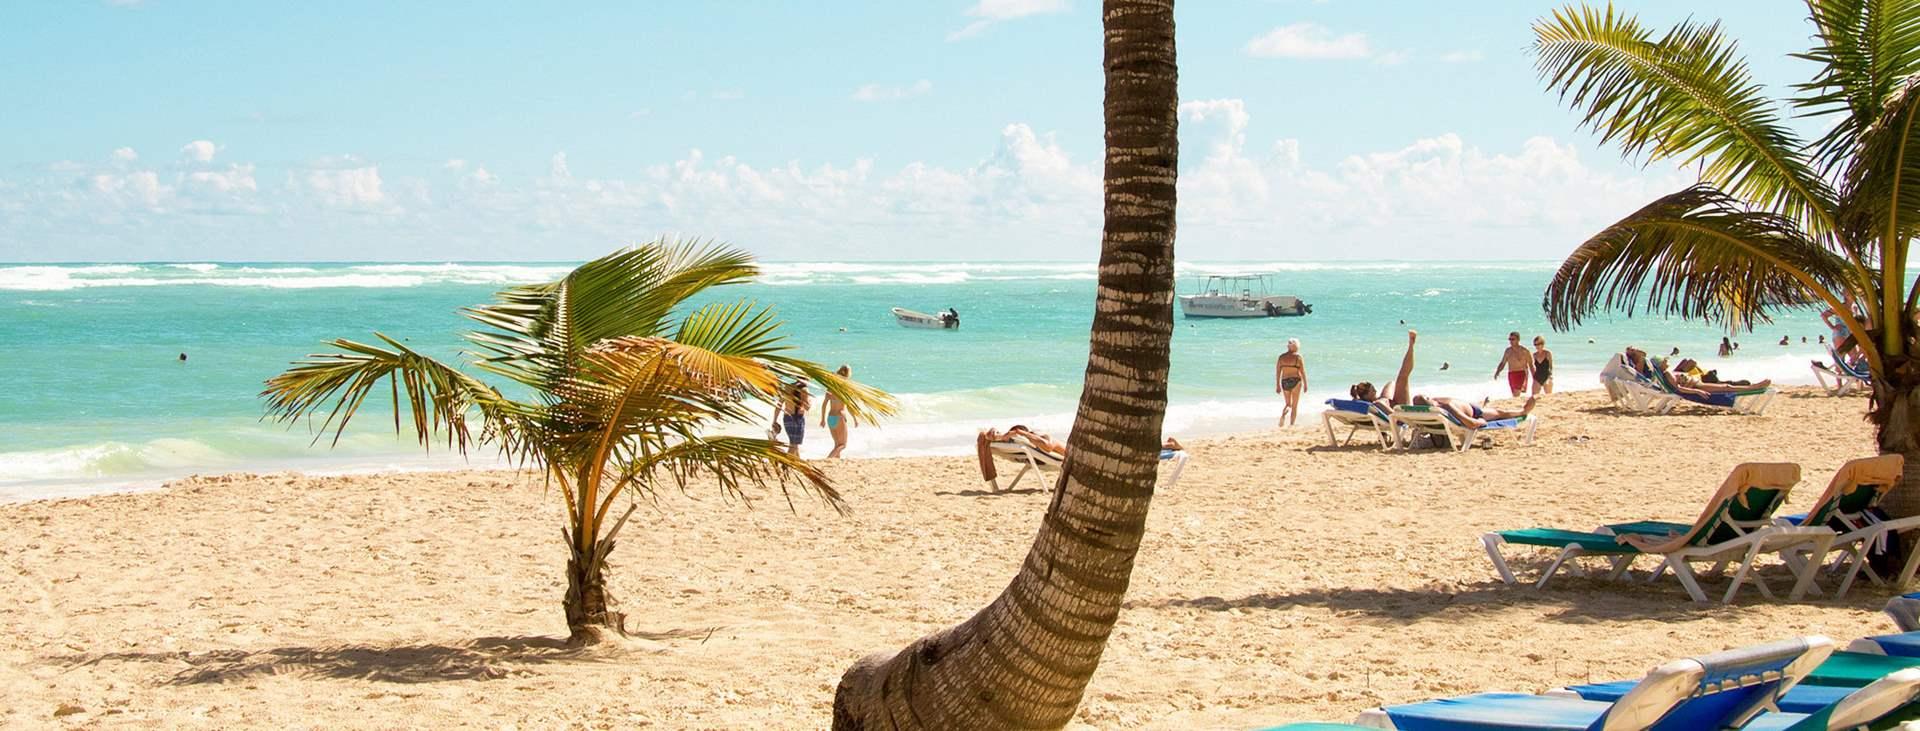 Boka en resa med All Inclusive till Punta Cana, Dominikanska Republiken